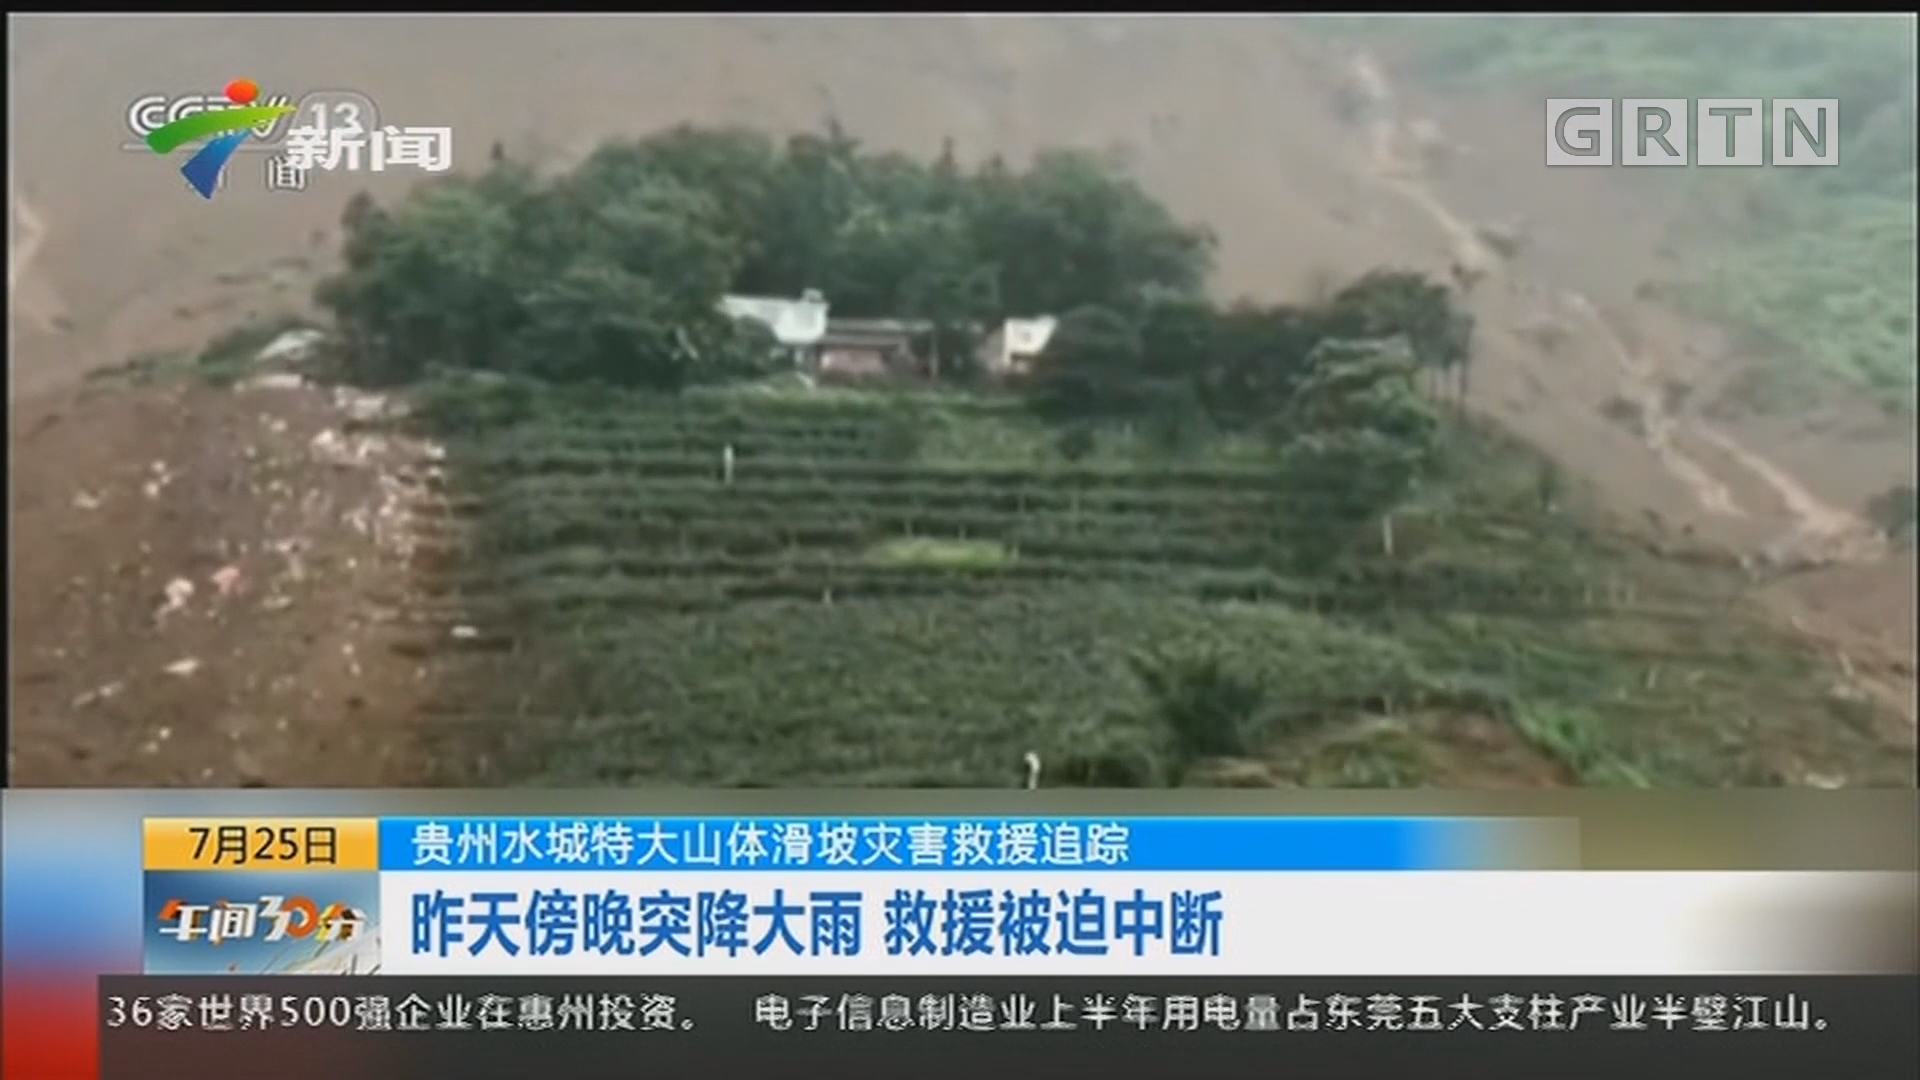 贵州水城特大山体滑坡灾害救援追踪:持续降雨增加救援难度